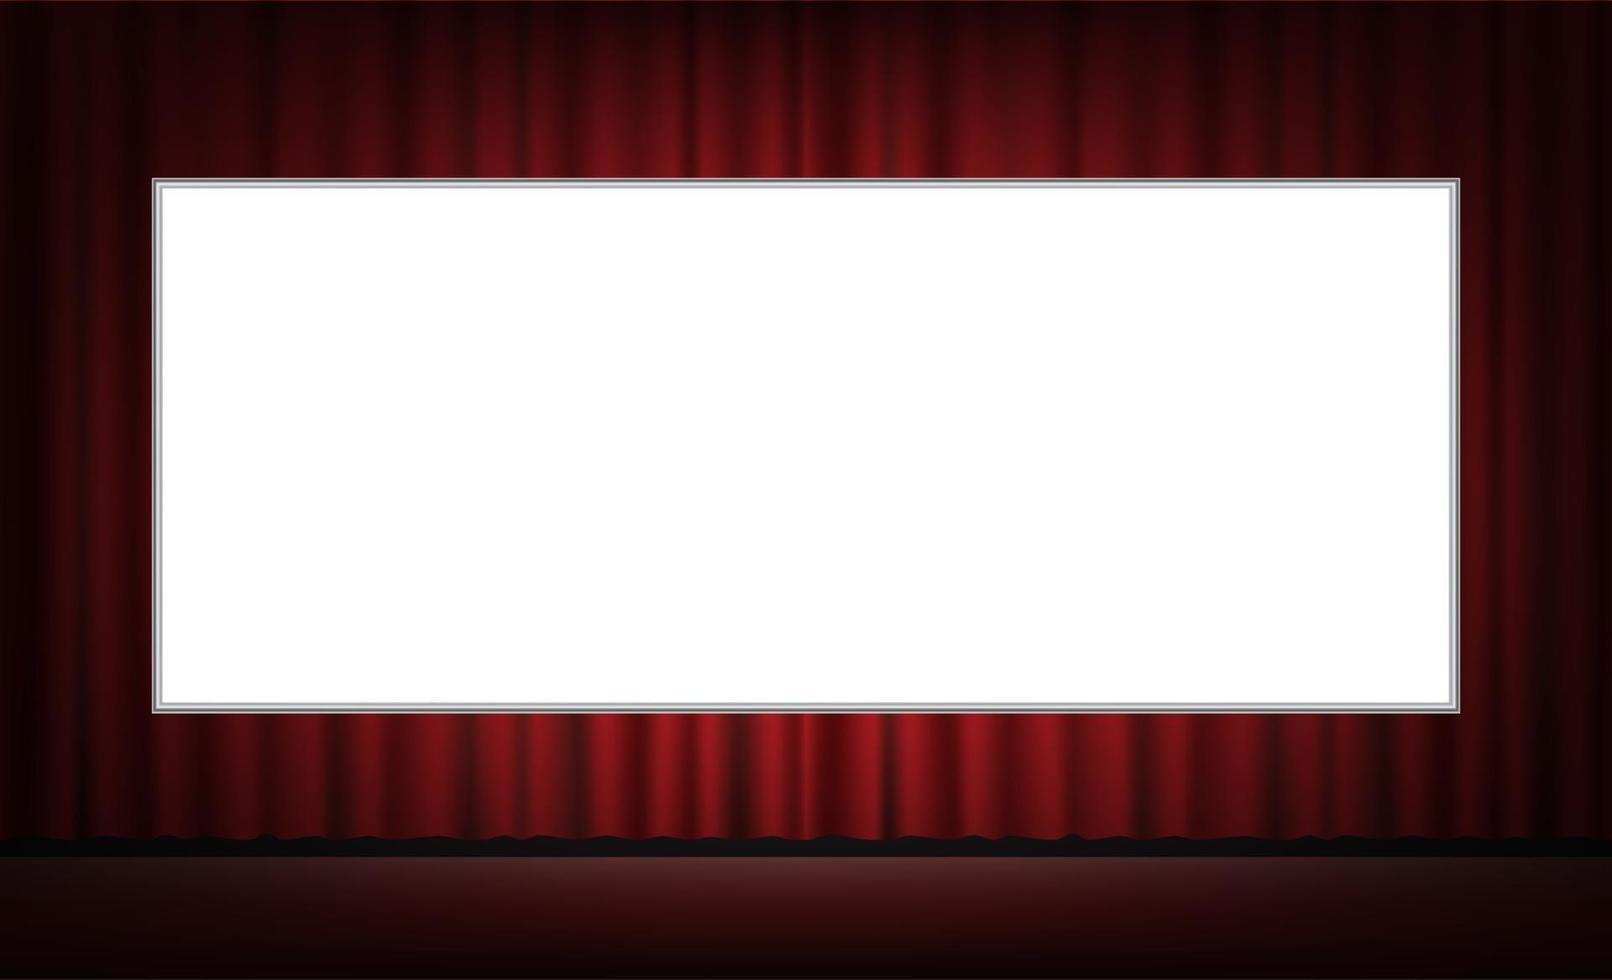 Pantalla de película blanca con fondo de cortina roja vector